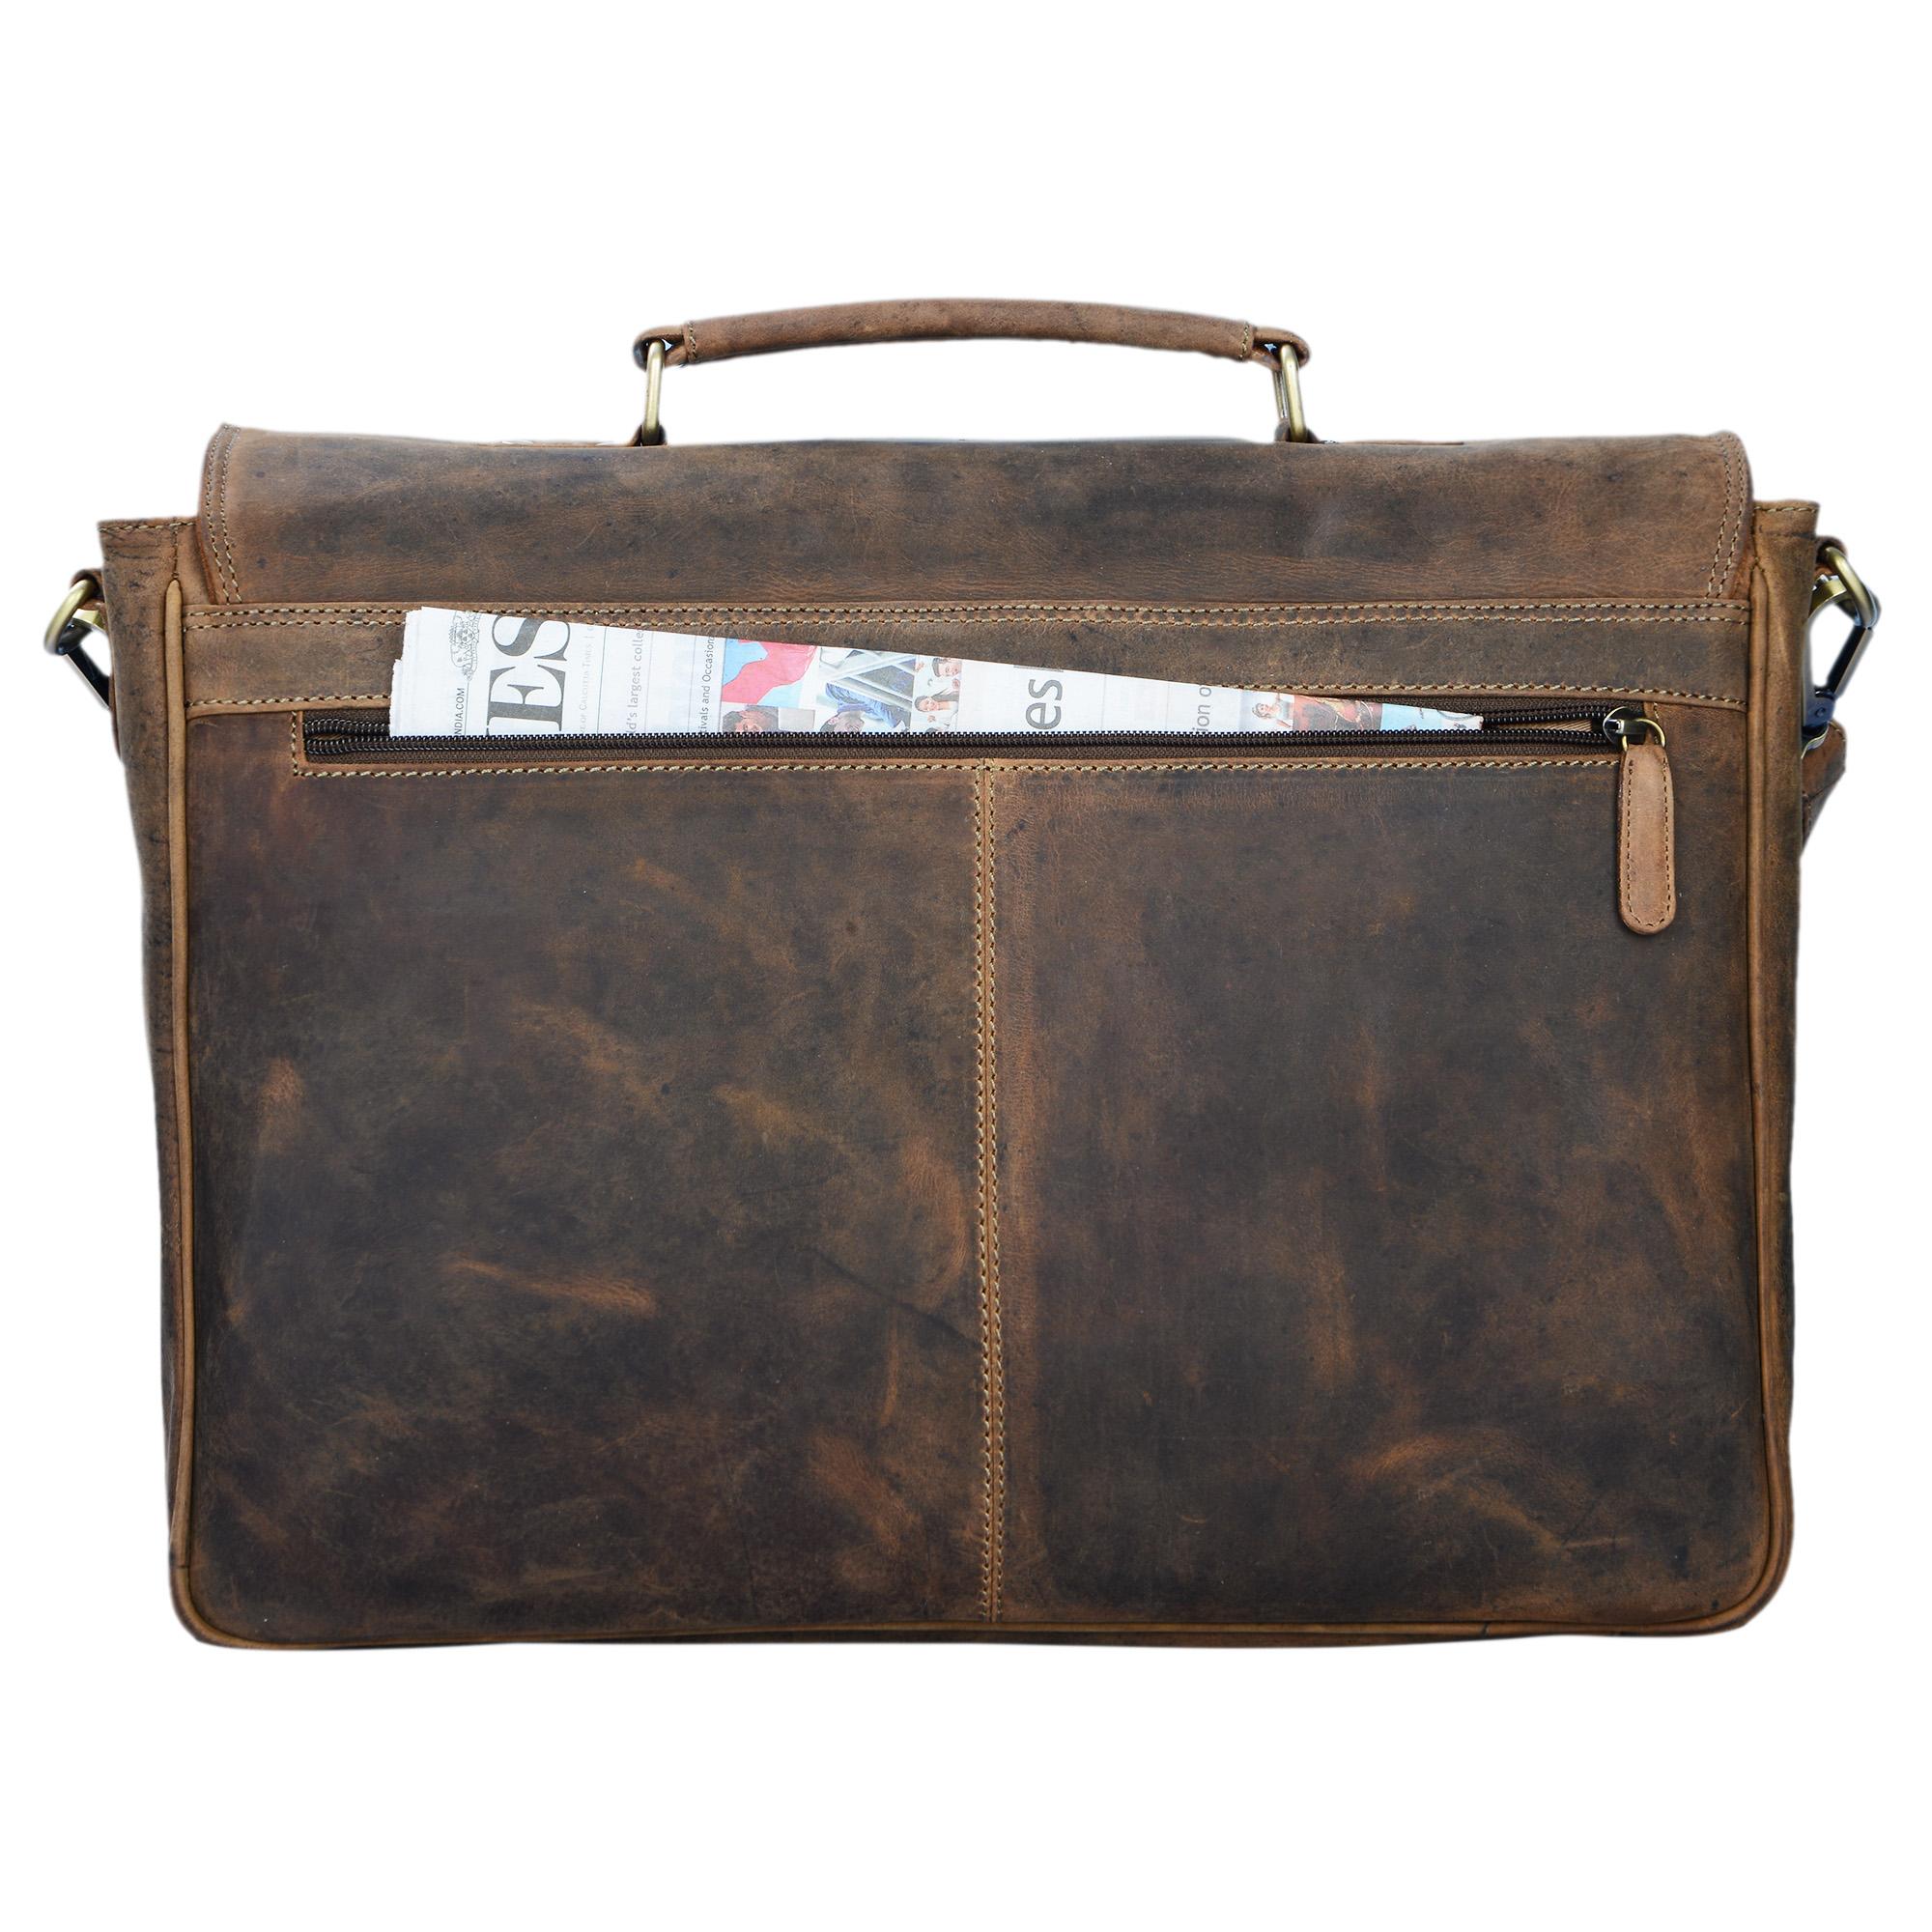 """STILORD """"Victor"""" Vintage Aktentasche Herren Leder moderne Businesstasche für große A4 Aktenordner XL Umhängetasche 15.6 Zoll mit Dreifachtrenner aus echtem Leder - Bild 14"""